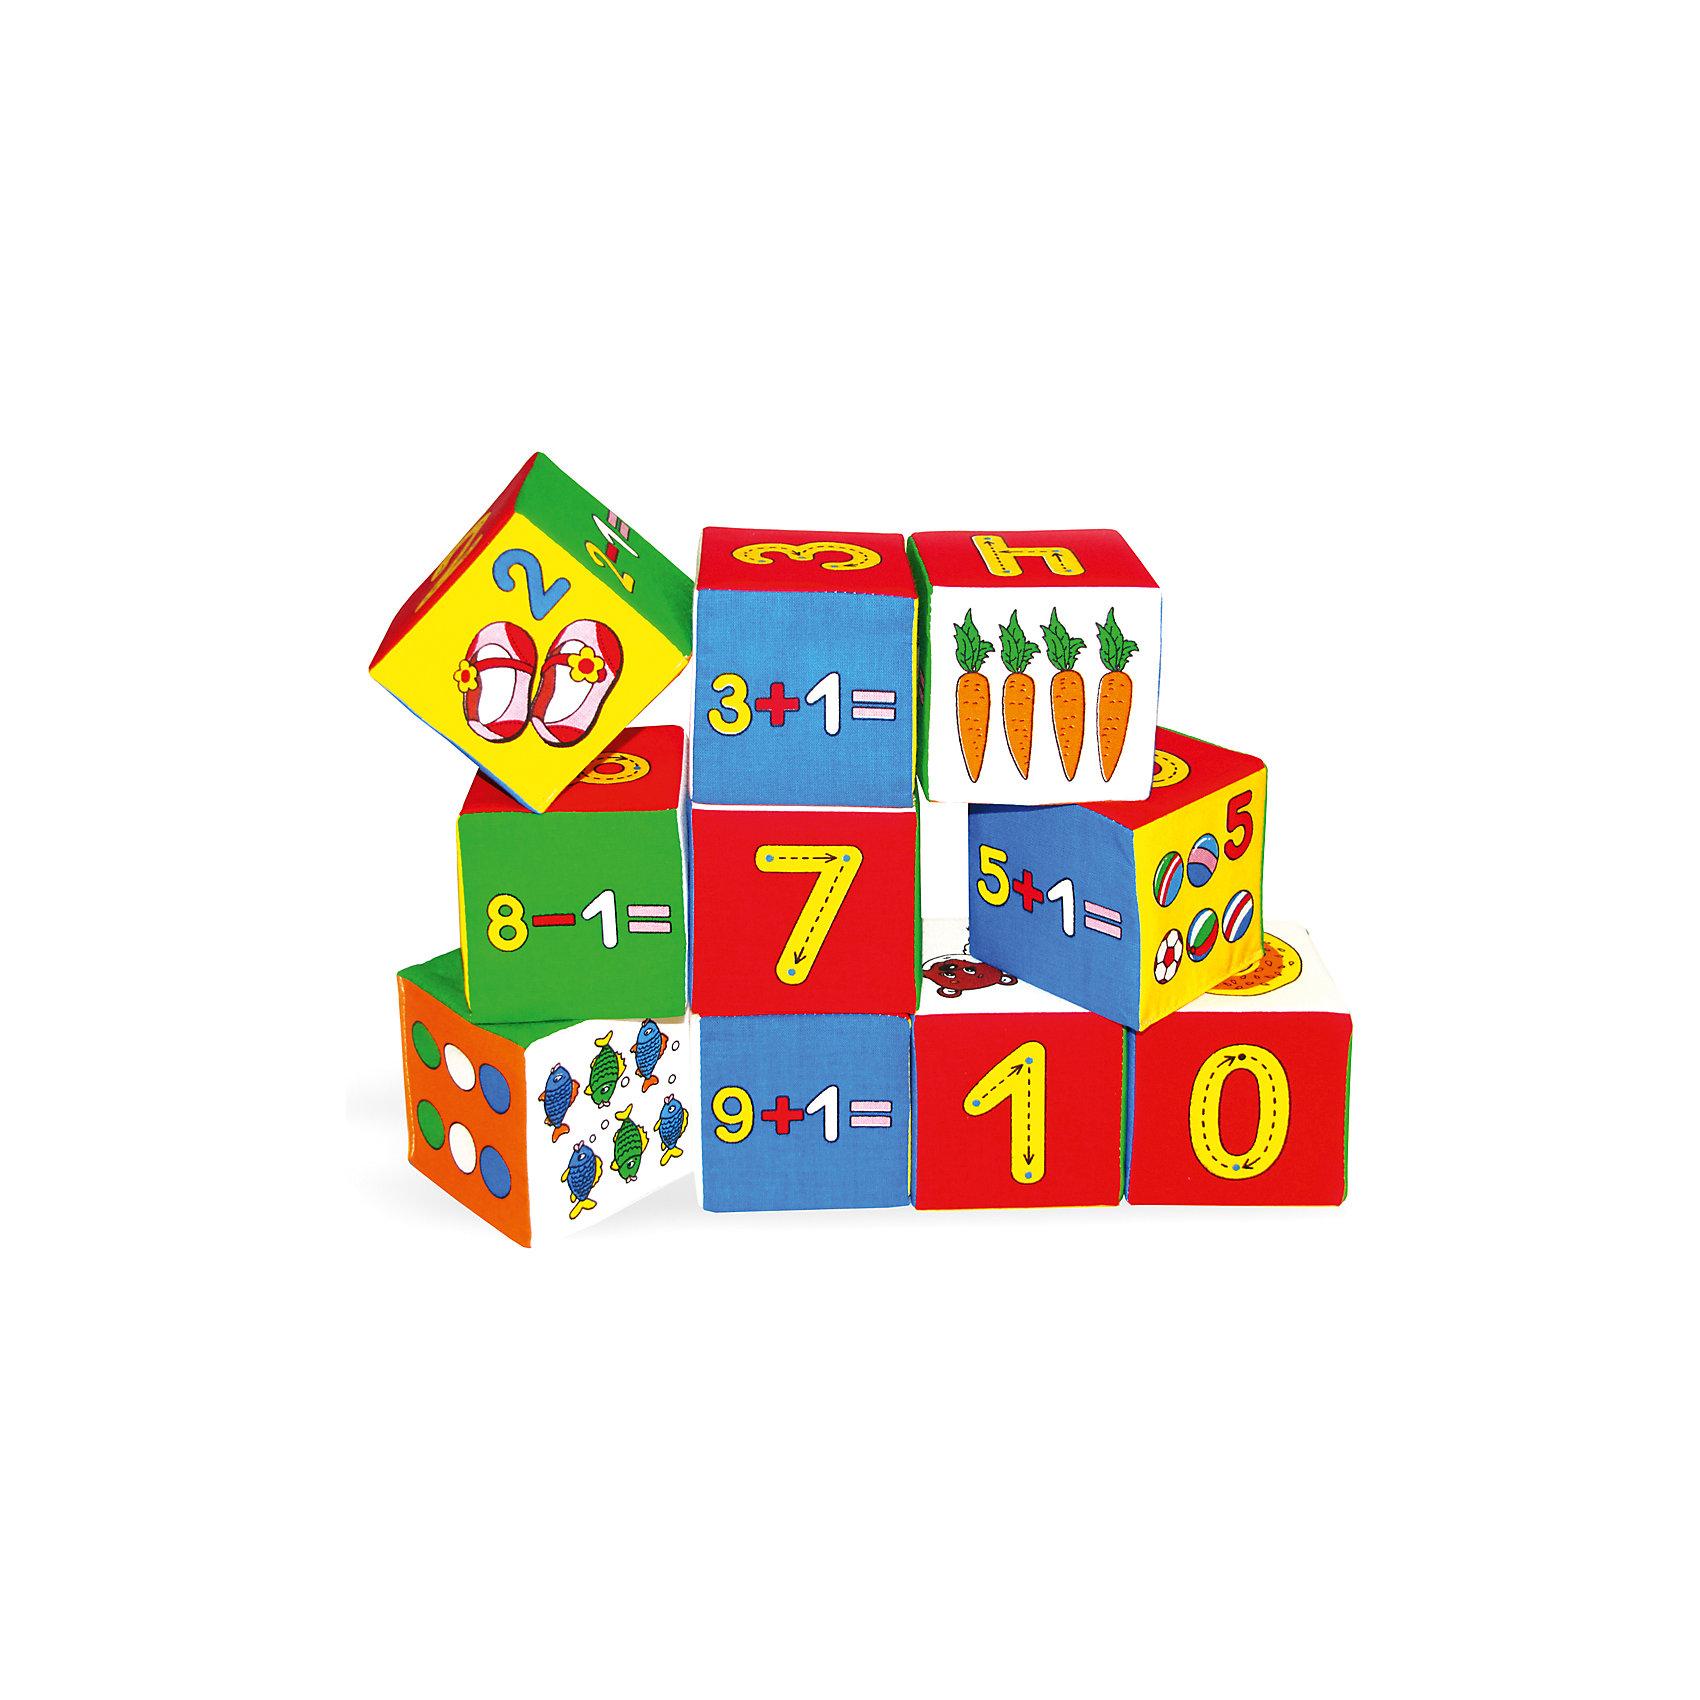 Набор кубиков «Умная математика», МякишиХарактеристики товара:<br><br>• материал: хлопок, поролон<br>• комплектация: 10 кубиков<br>• размер игрушки: 7,5 см<br>• размер упаковки: 20х50 см<br>• развивающая игрушка<br>• упаковка: пакет<br>• страна бренда: РФ<br>• страна изготовитель: РФ<br><br>Малыши активно познают мир и тянутся к новой информации. Чтобы сделать процесс изучения окружающего пространства интереснее, ребенку можно подарить развивающие игрушки. В процессе игры информация усваивается намного лучше!<br>Такие кубики помогут занять малыша, играть ими приятно и весело. Одновременно они позволят познакомиться со многими цветами, фактурами и предметами, которые ребенку предстоит встретить, а также начать осваивать счет. Такие игрушки развивают тактильные ощущения, моторику, цветовосприятие, логику, воображение, учат фокусировать внимание. Каждое изделие абсолютно безопасно – оно создано из качественной ткани с мягким наполнителем. Игрушки производятся из качественных и проверенных материалов, которые безопасны для детей.<br><br>Набор кубиков «Умная математика» от бренда Мякиши можно купить в нашем интернет-магазине.<br><br>Ширина мм: 150<br>Глубина мм: 80<br>Высота мм: 380<br>Вес г: 80<br>Возраст от месяцев: 12<br>Возраст до месяцев: 36<br>Пол: Унисекс<br>Возраст: Детский<br>SKU: 5183174